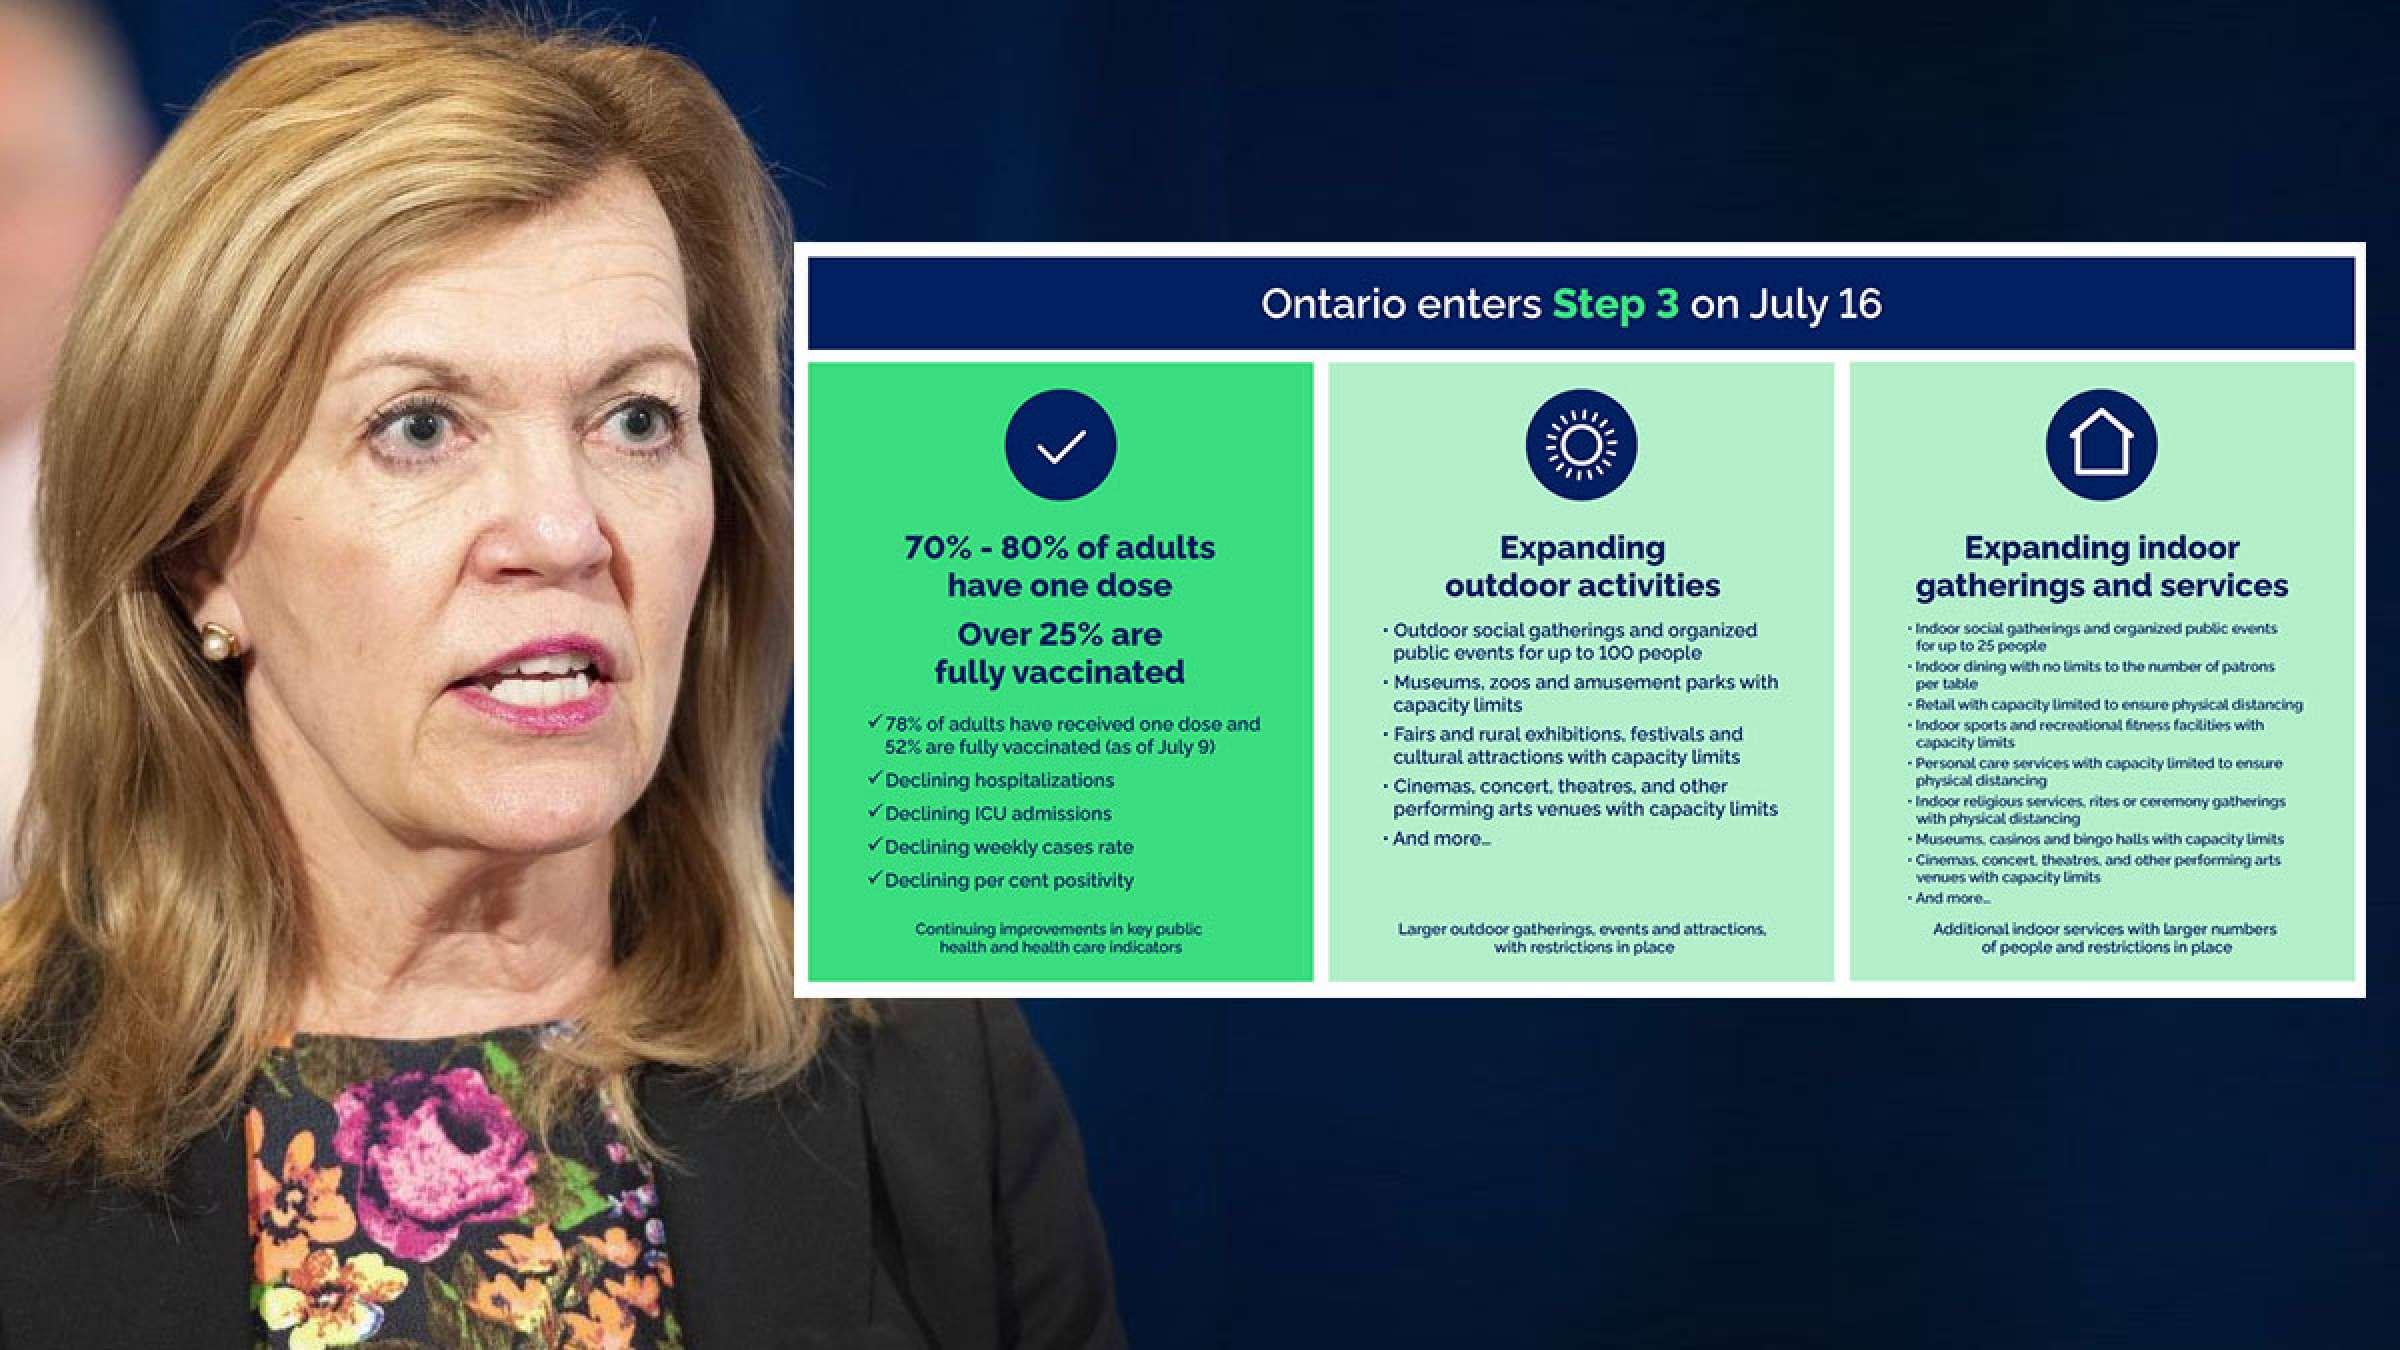 خبر-تورنتو-بازگشایی-مرحله-سوم-انتاریو-از-امروز-دقیقا-چیست